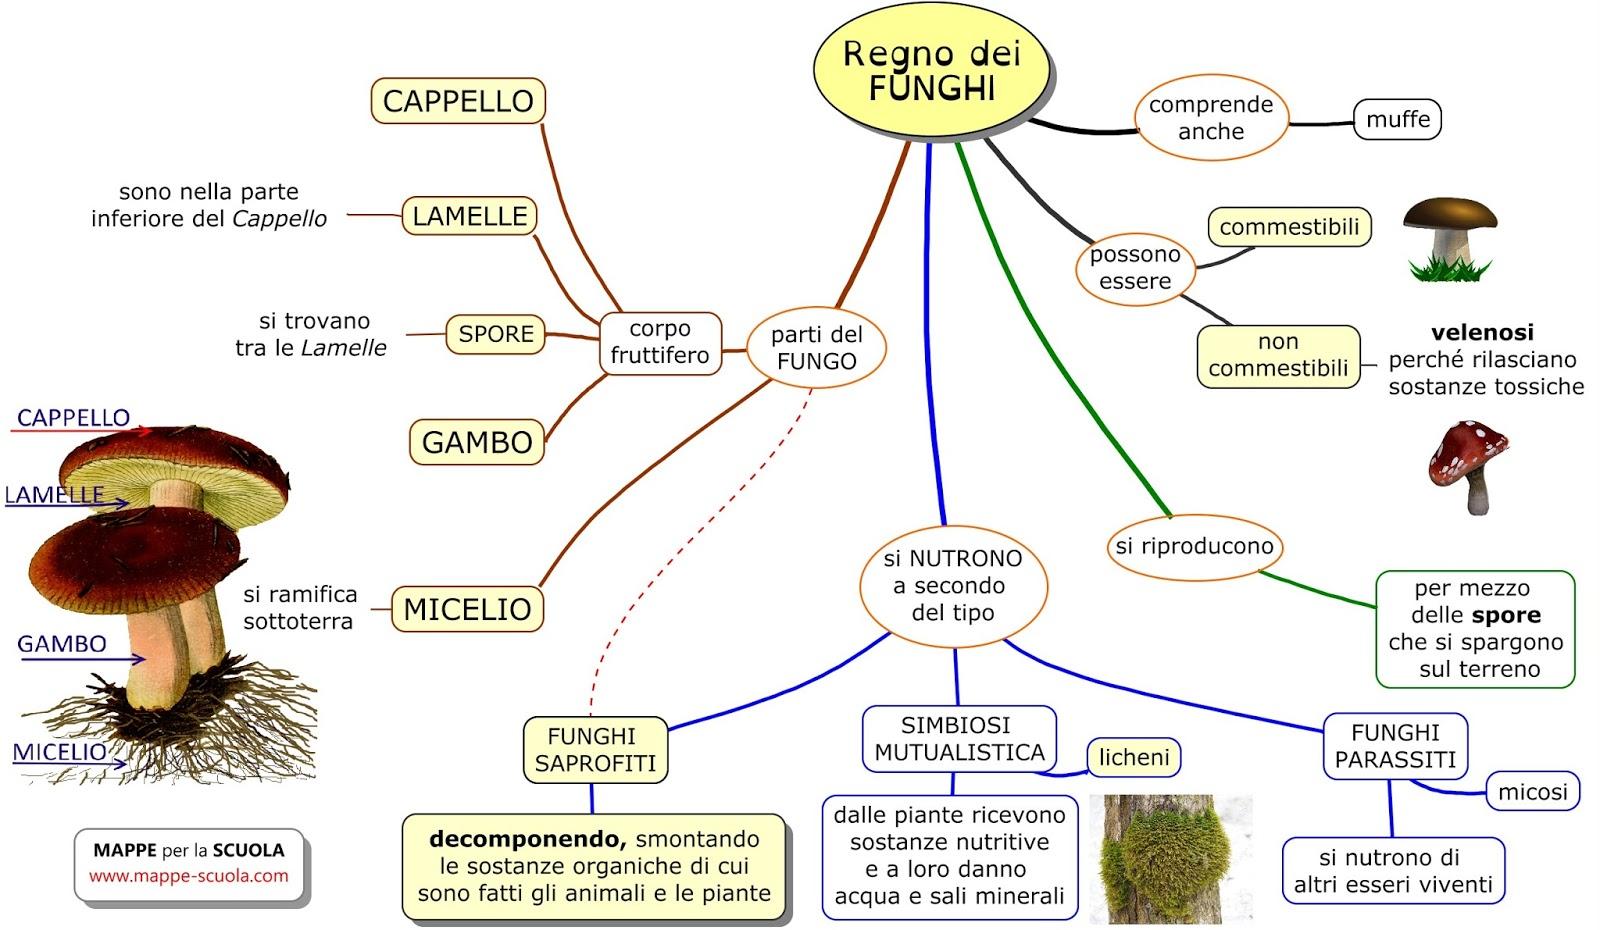 Conosciuto MAPPE per la SCUOLA: I FUNGHI EQ33